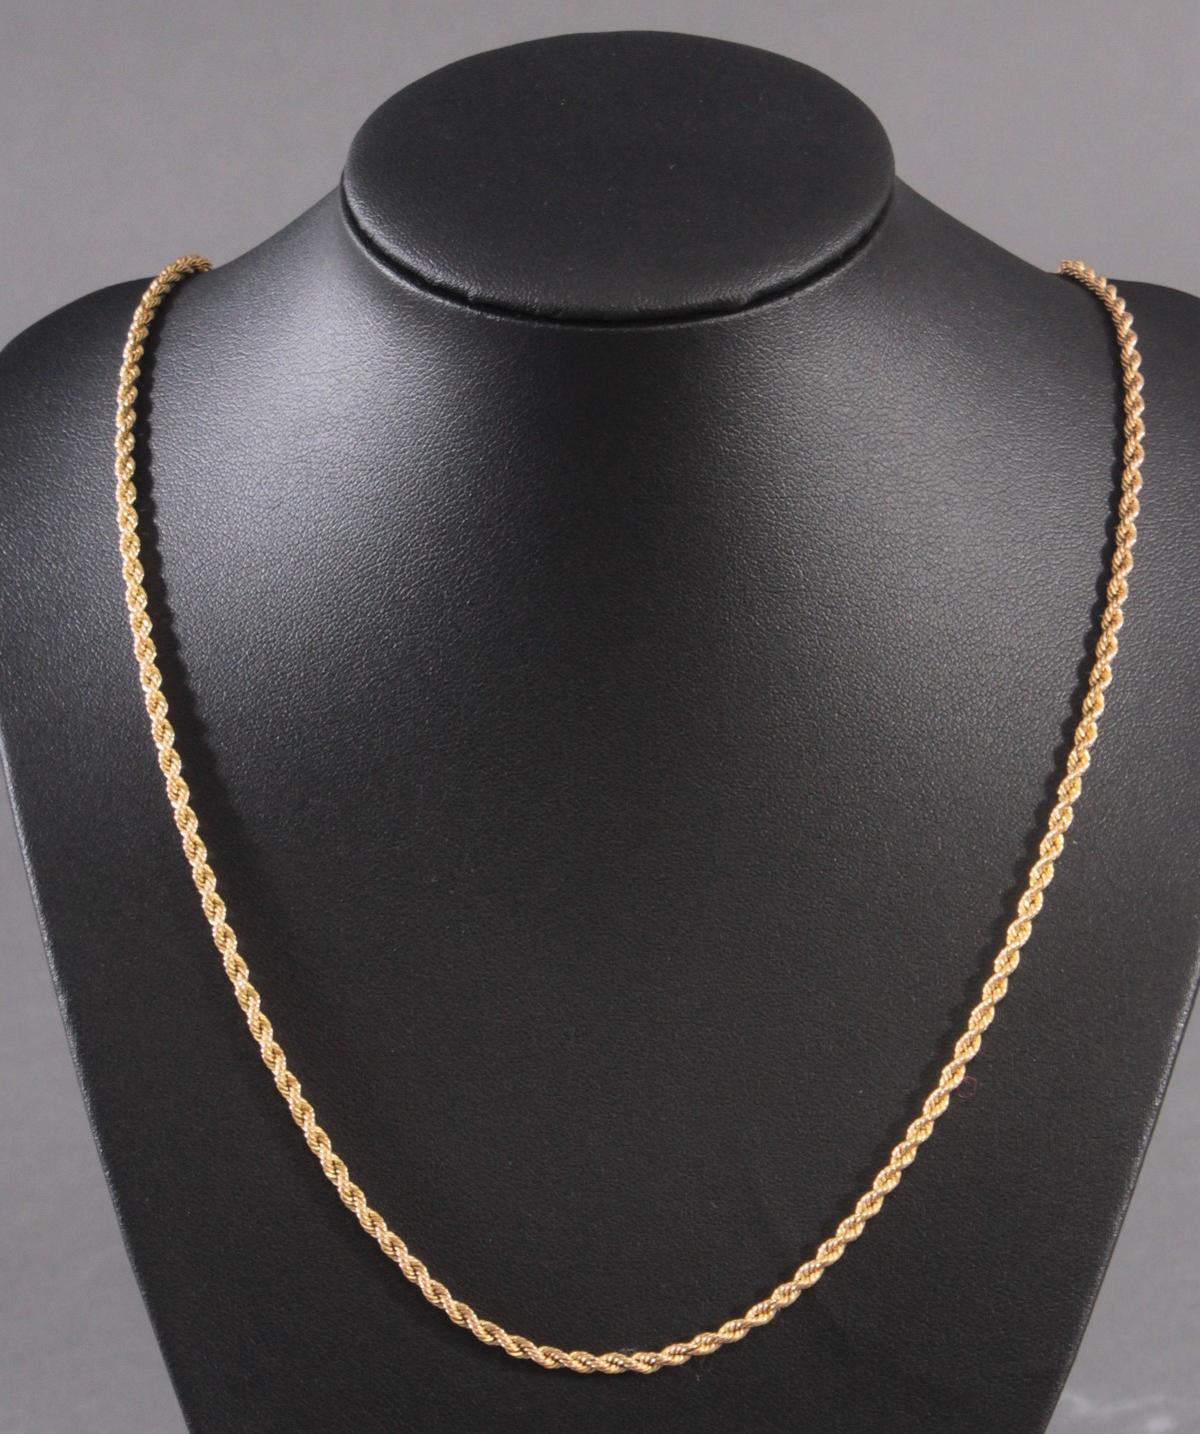 Halskette aus 14 Karat Gelbgold